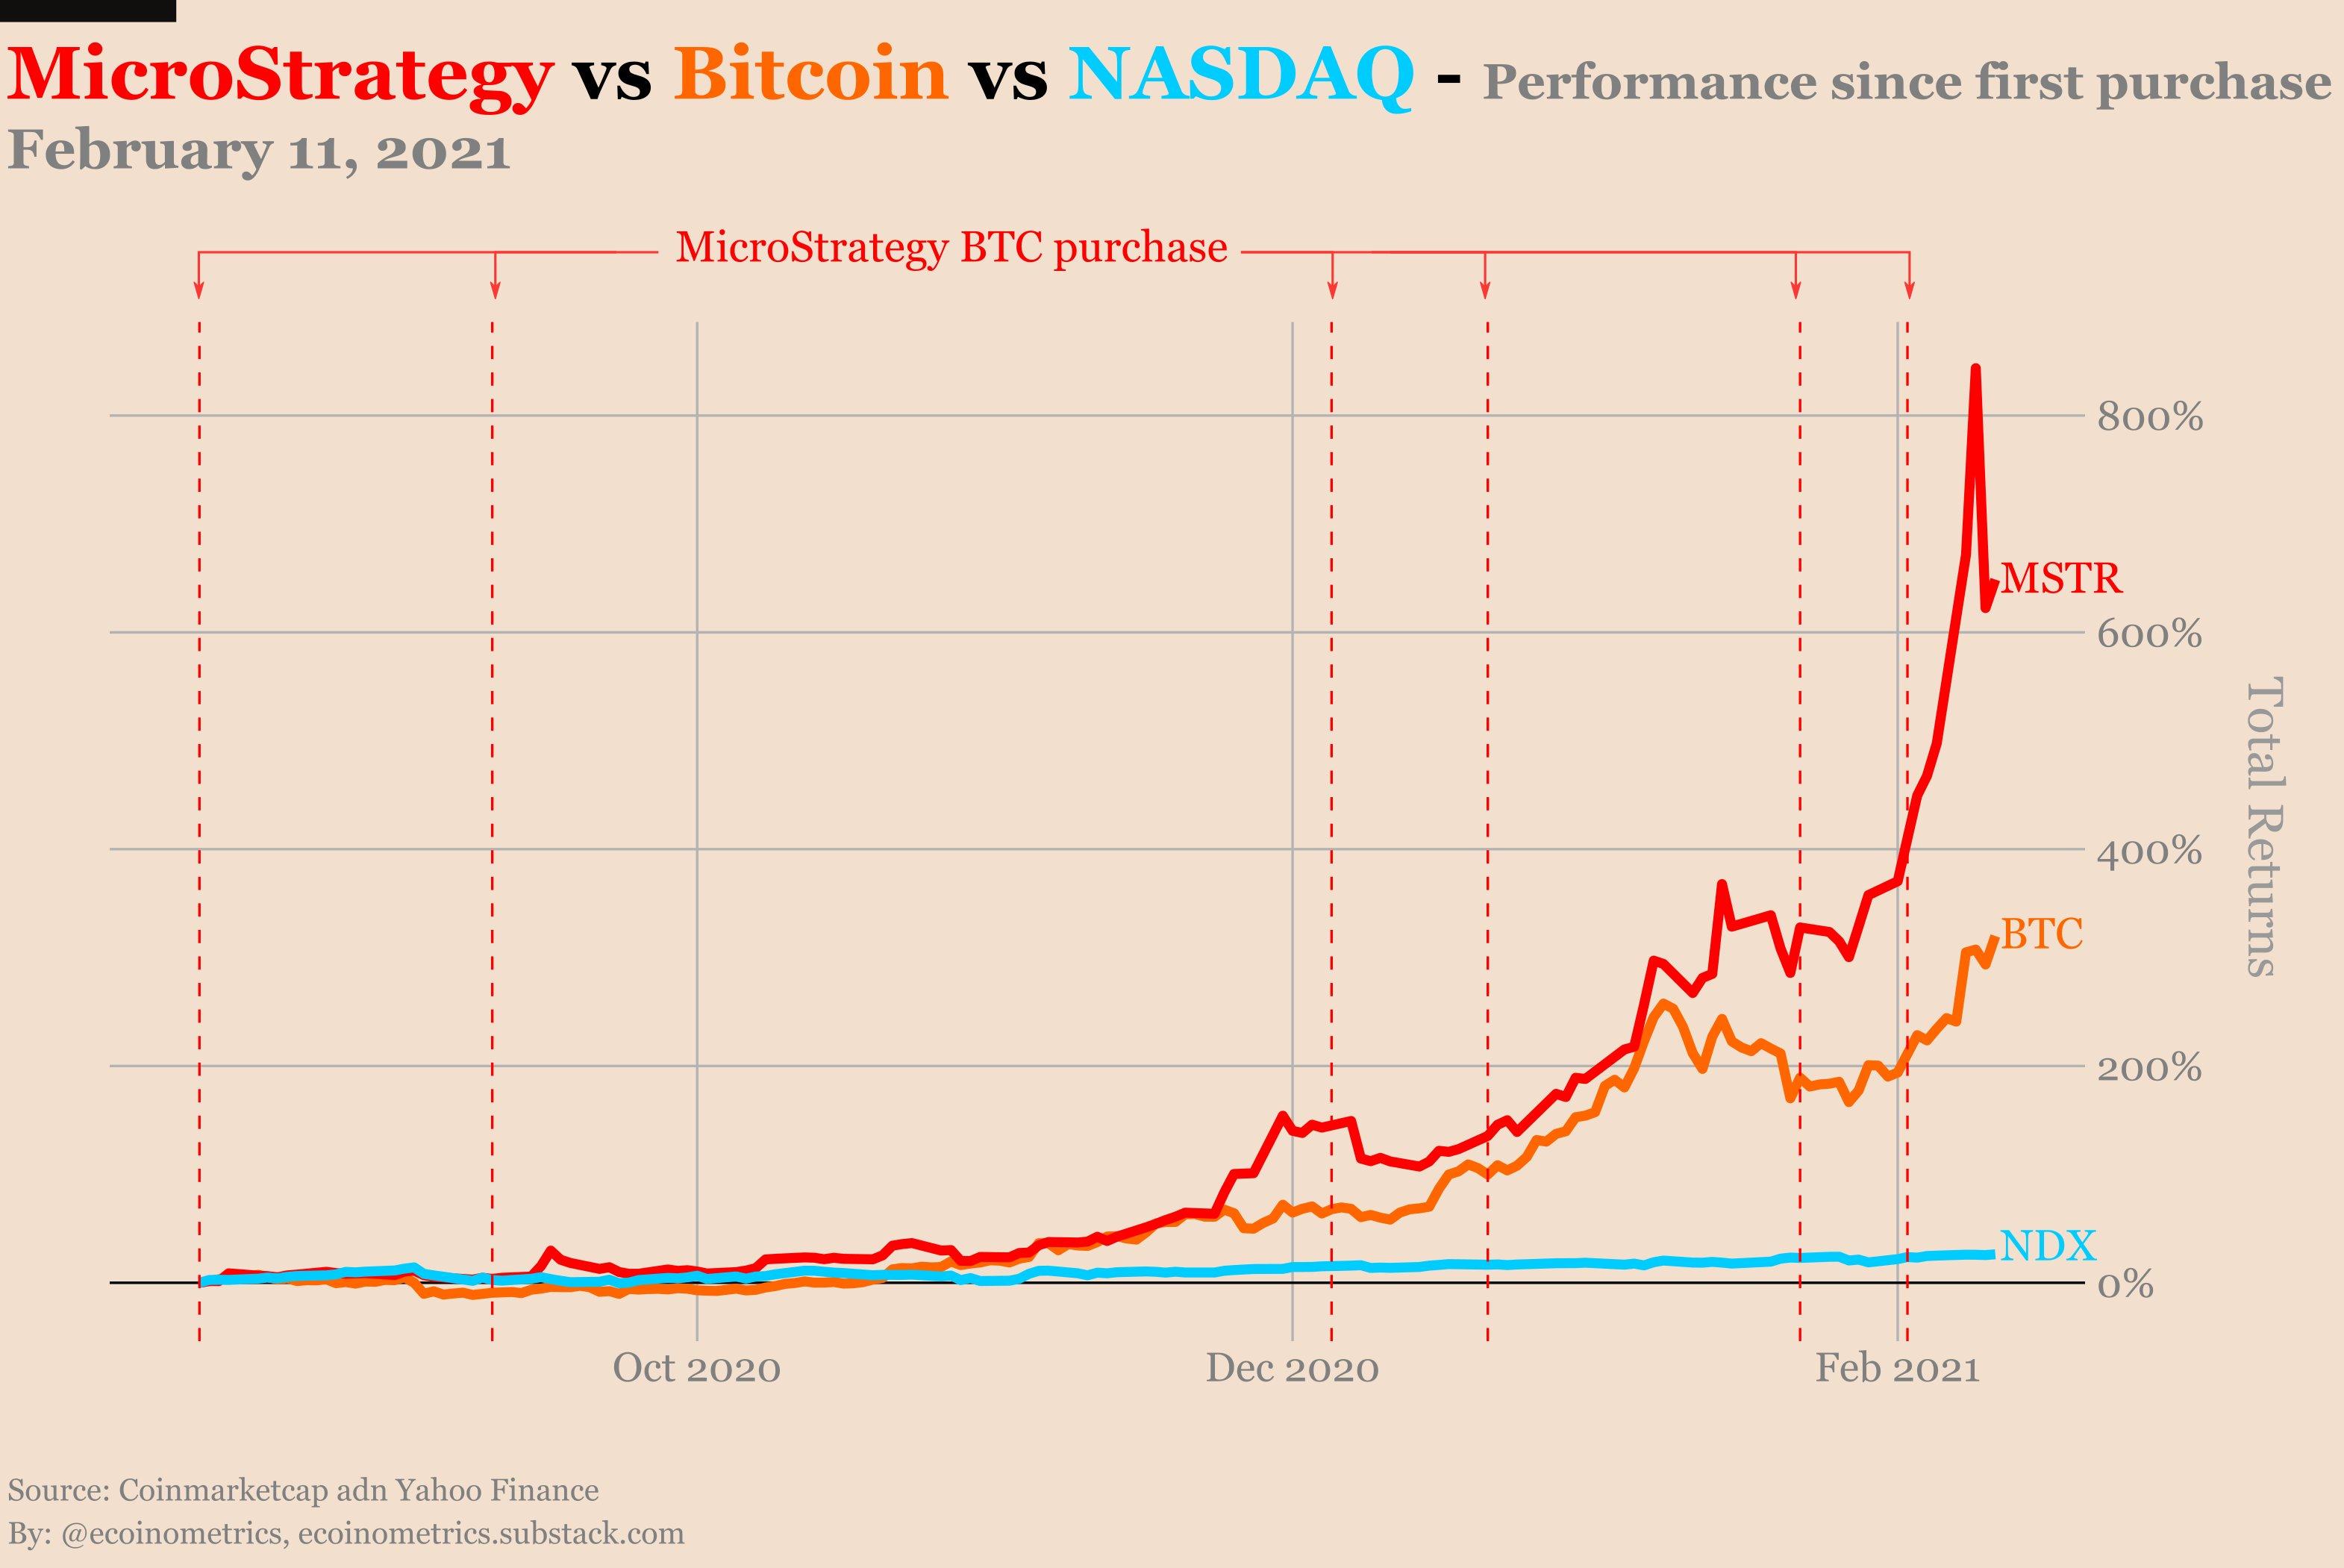 قیمت بیت کوین پس از انتشار این خبر شروع به افزایش می کند!